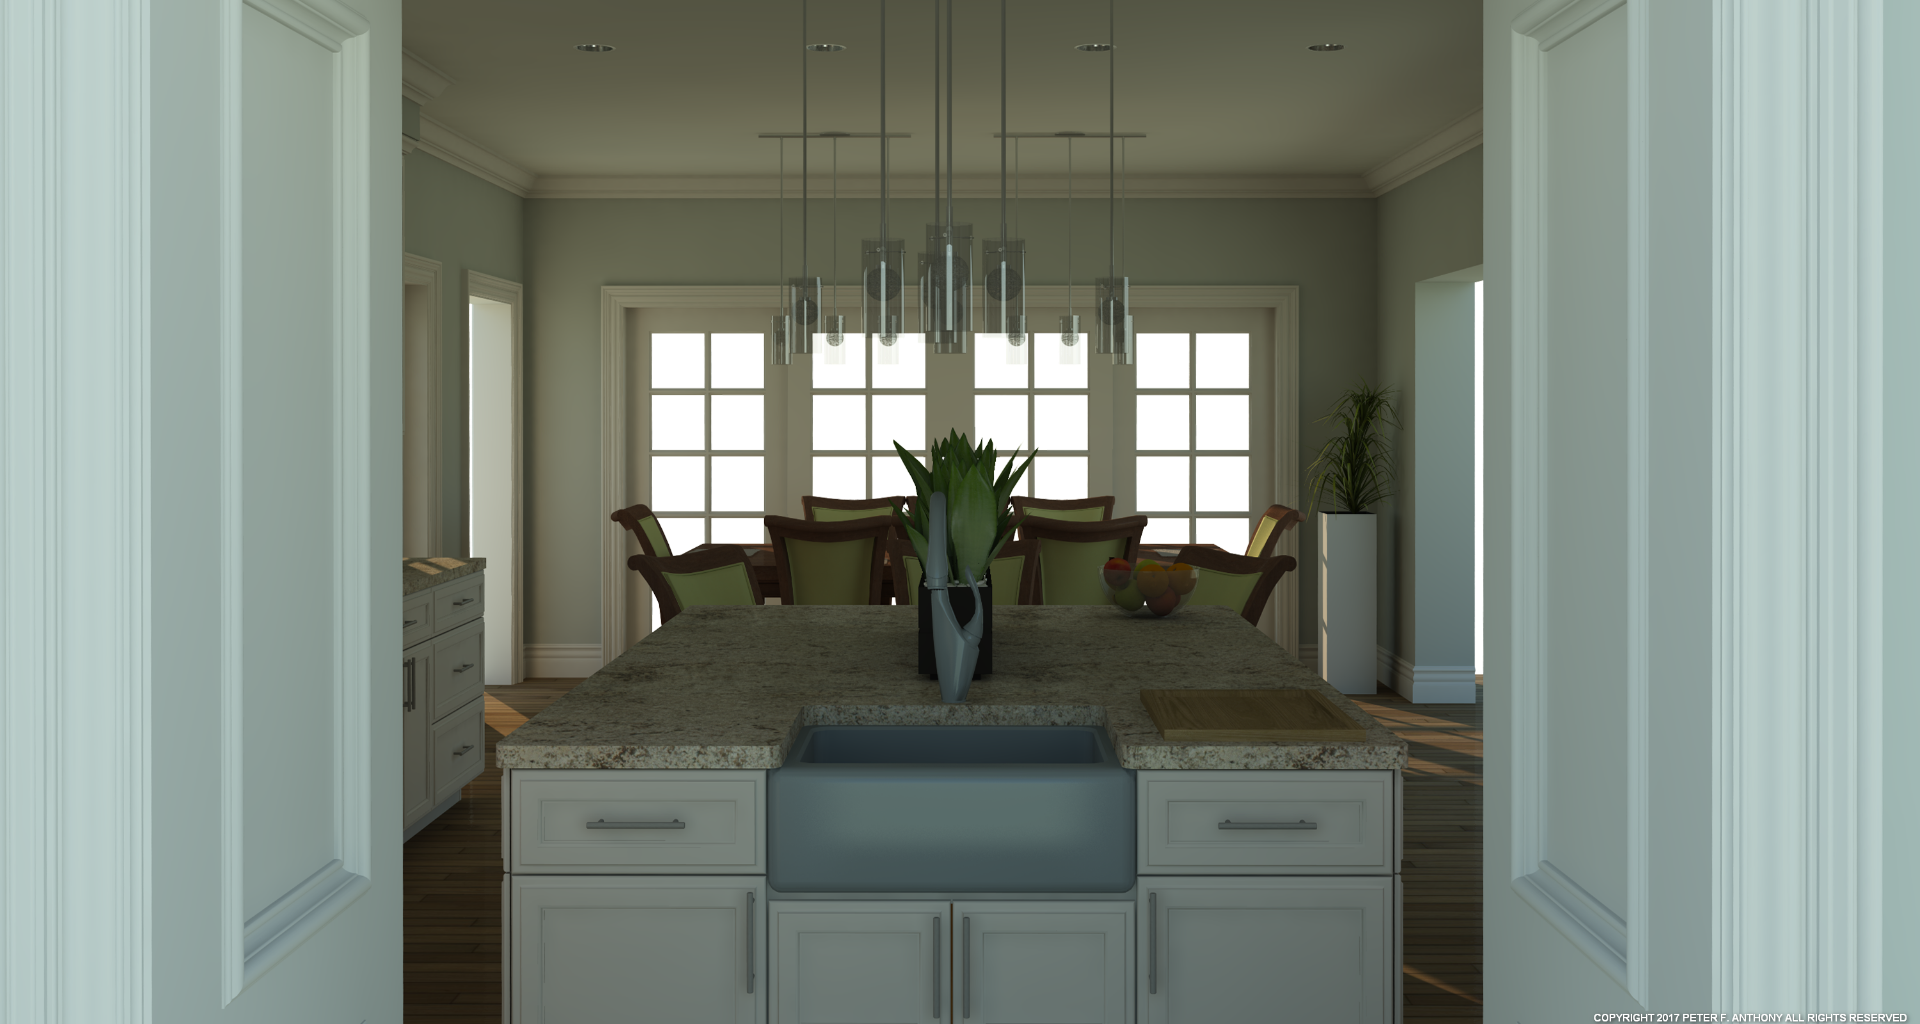 Kitchen-V2 2017-07-11 Image03.png